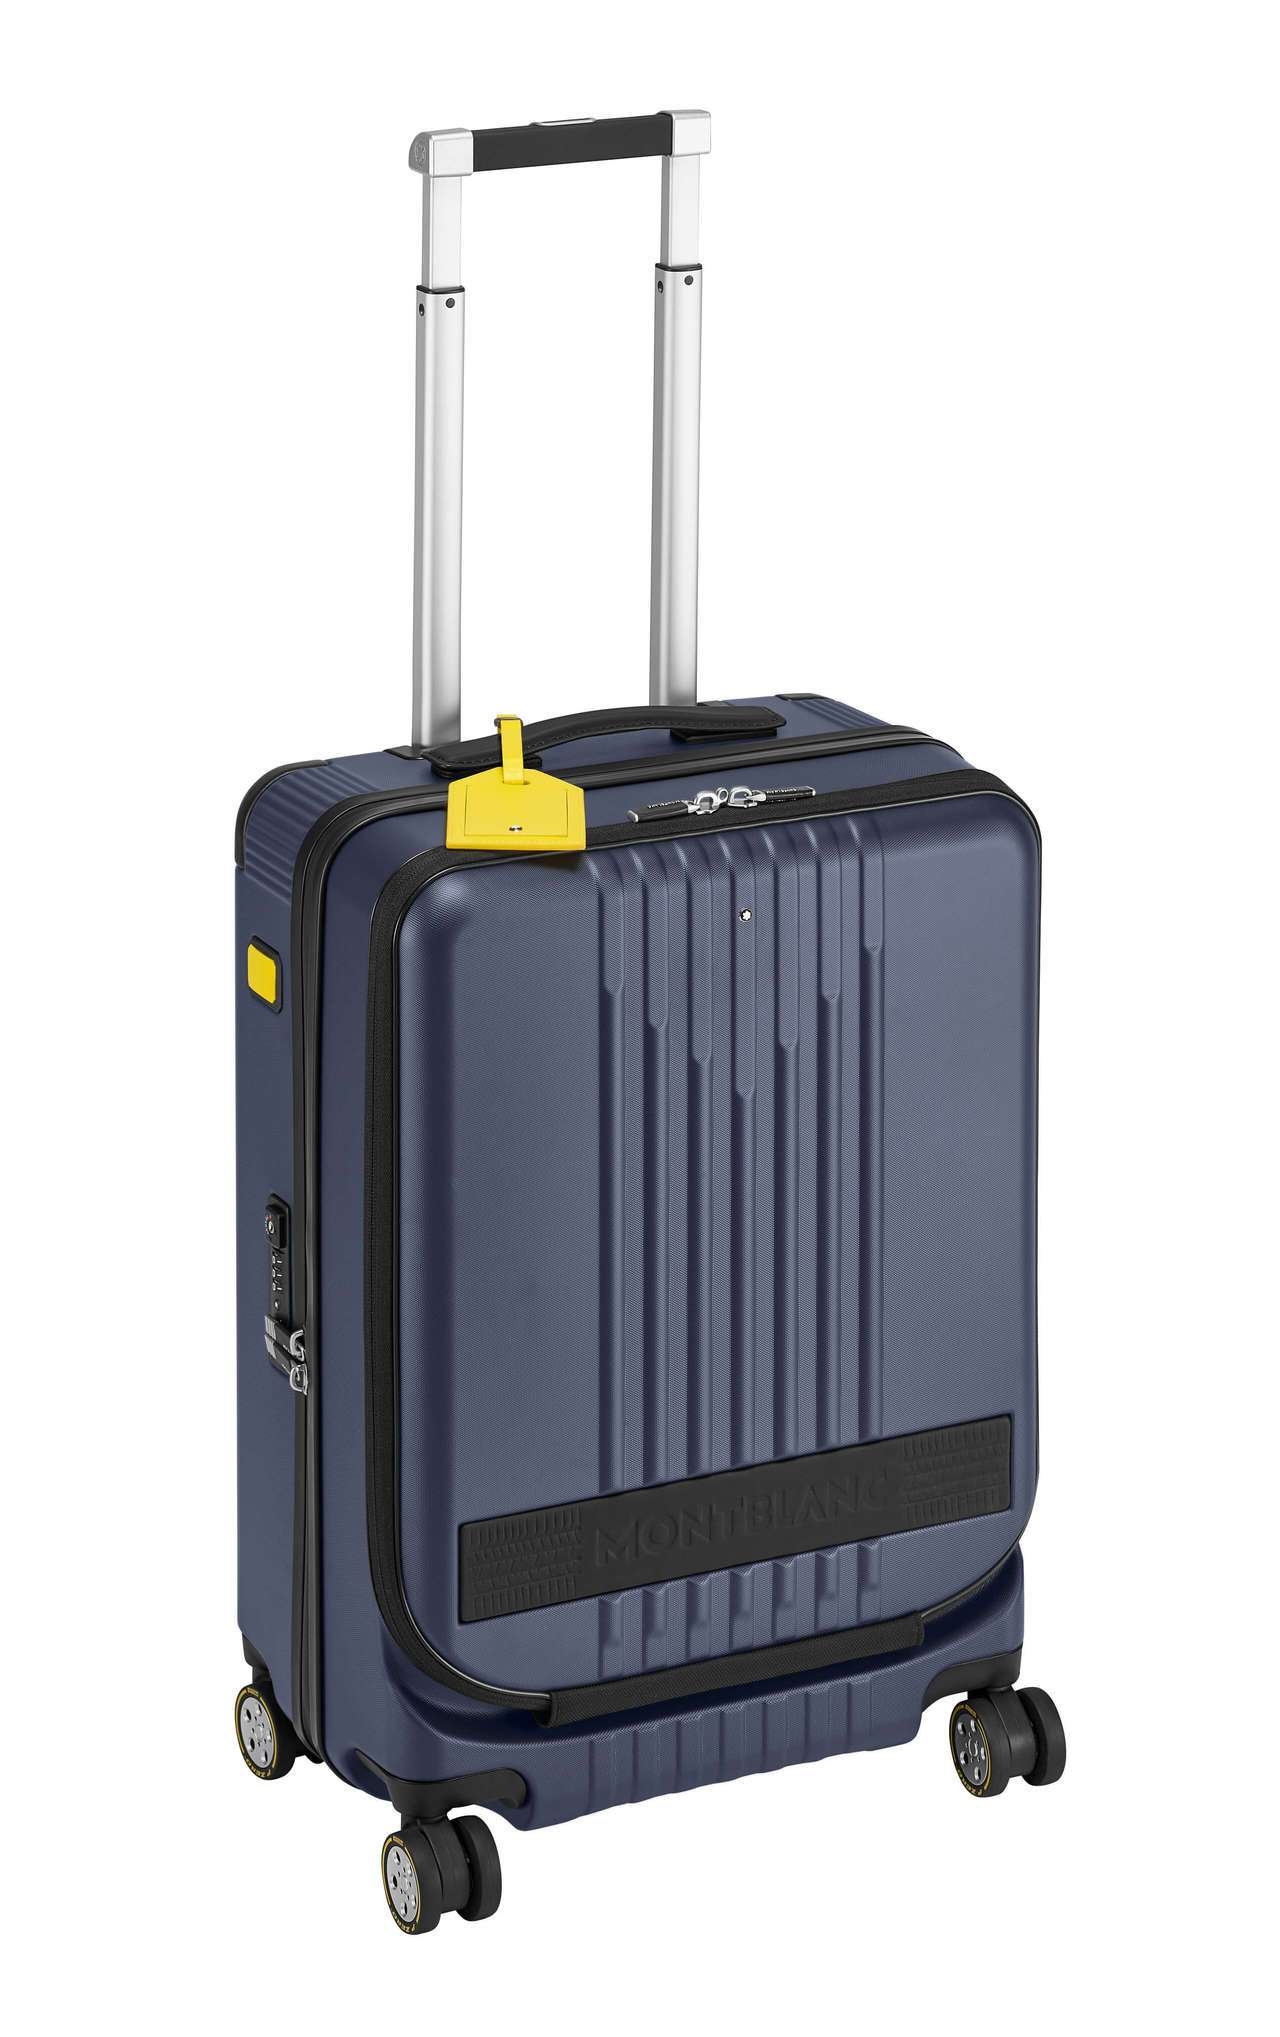 萬寶龍x倍耐力聯名款限量行李箱,25,200元。圖/萬寶龍提供